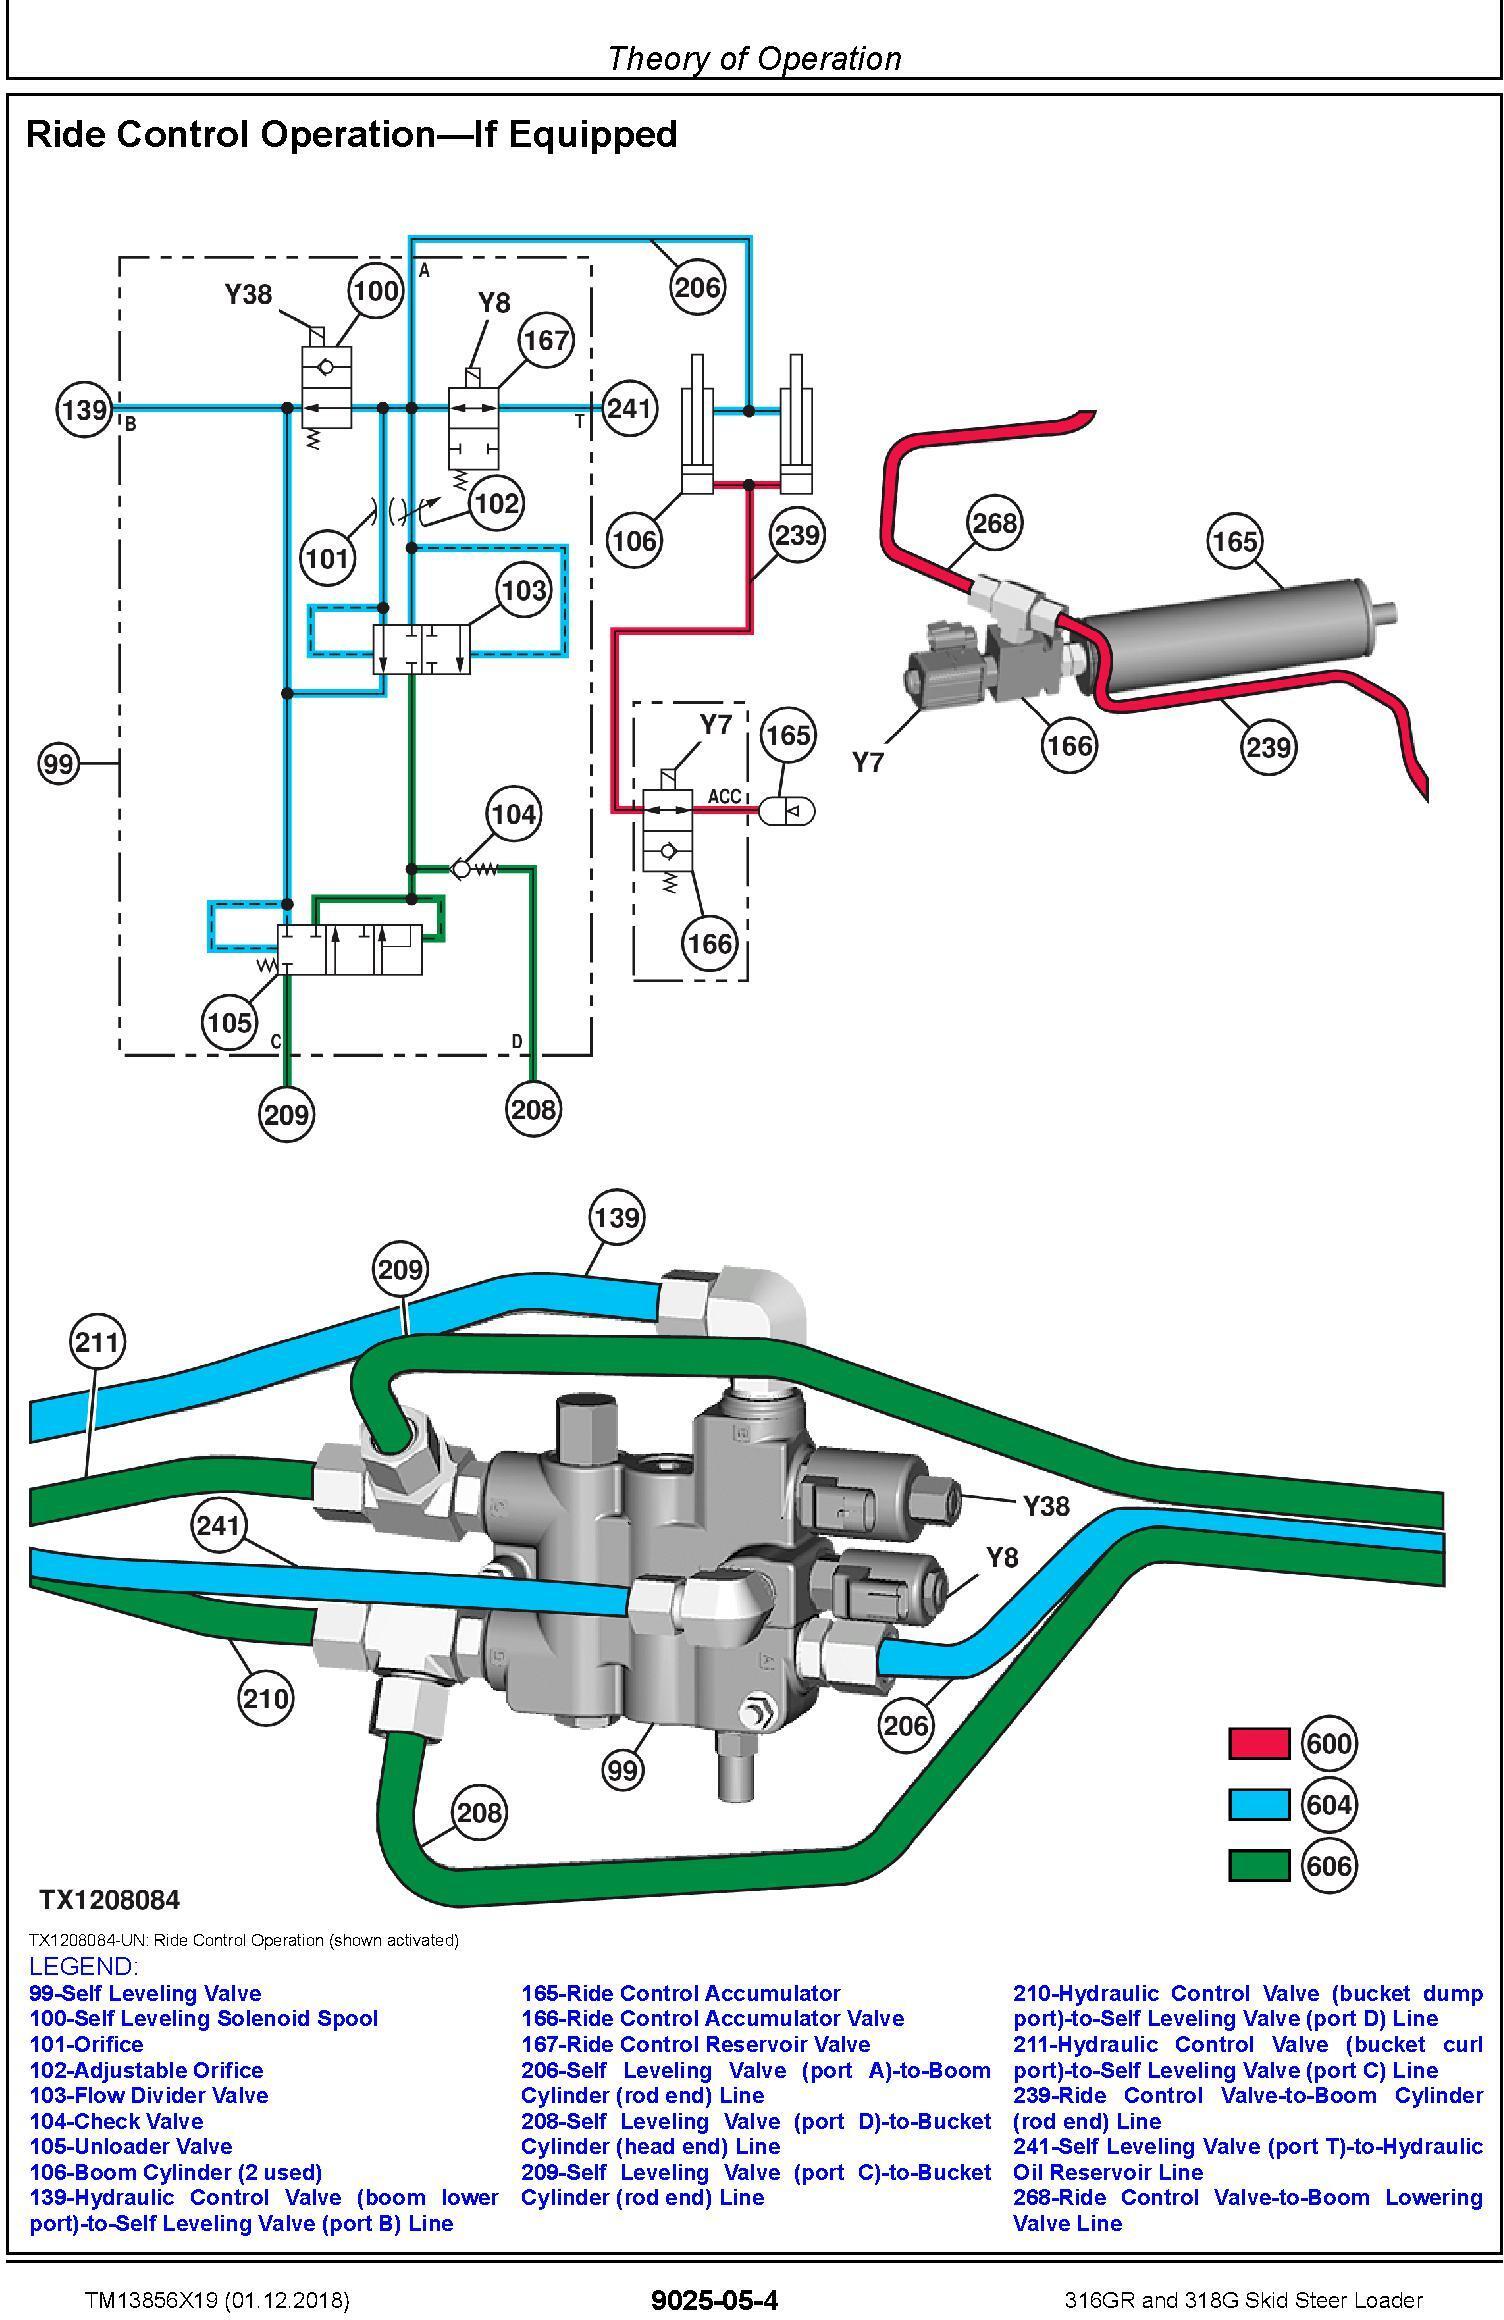 John Deere 316GR and 318G Skid Steer Loader Operation & Test Technical Service Manual (TM13856X19) - 3